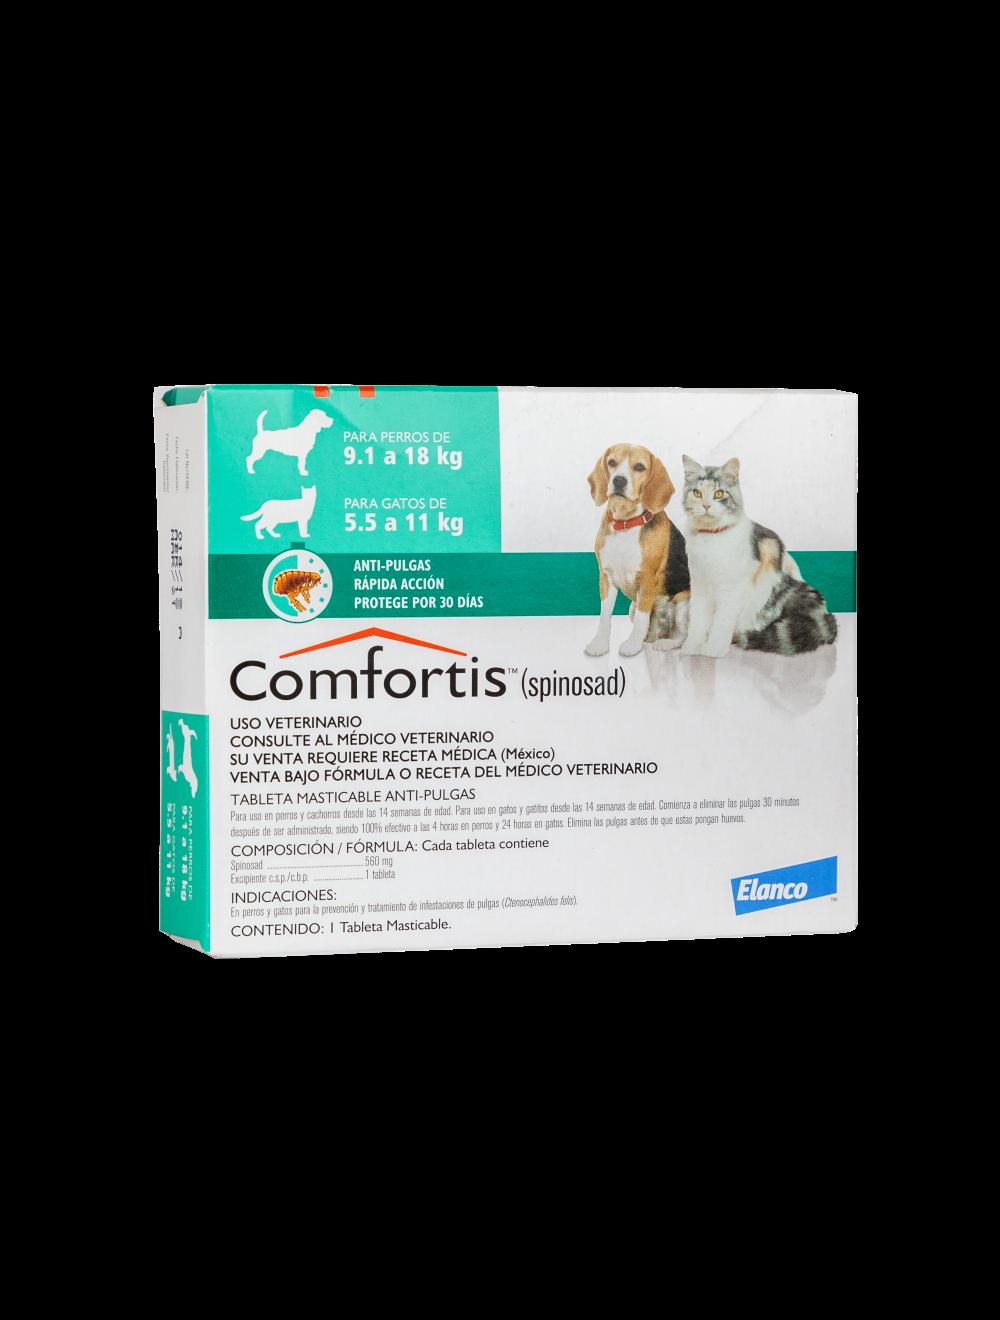 Comfortis Perros 9 a 18 Kg y Gatos de 5.5 a 11 Kg